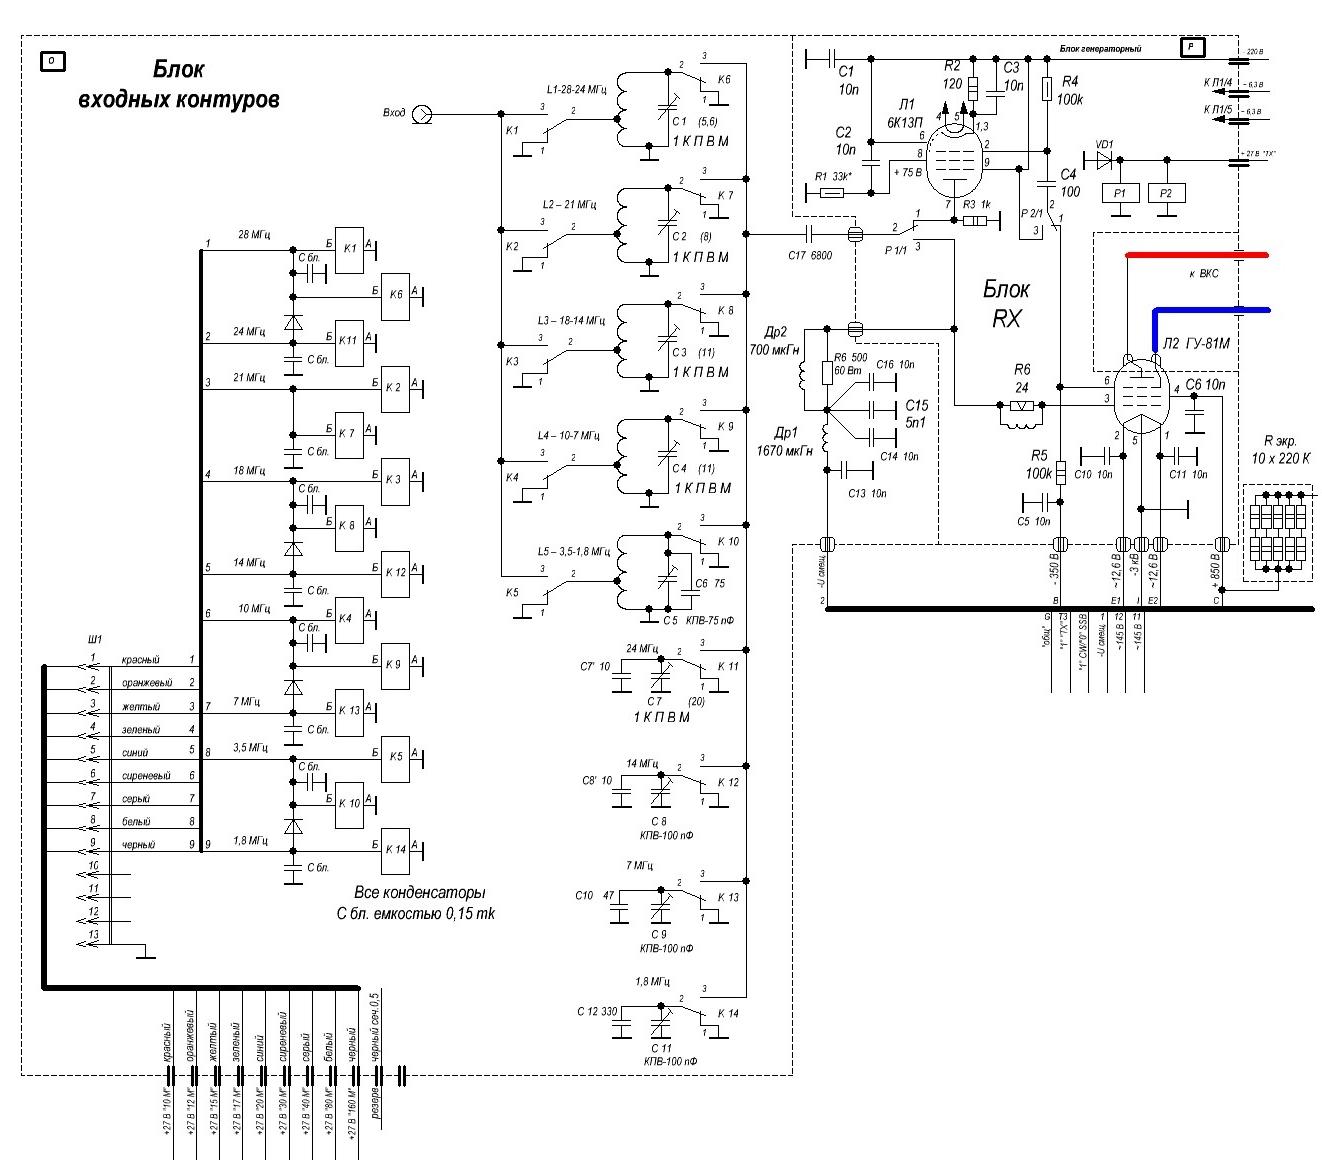 Нажмите на изображение для увеличения.  Название:Фрагмент схемы.JPG Просмотров:135 Размер:381.5 Кб ID:220000